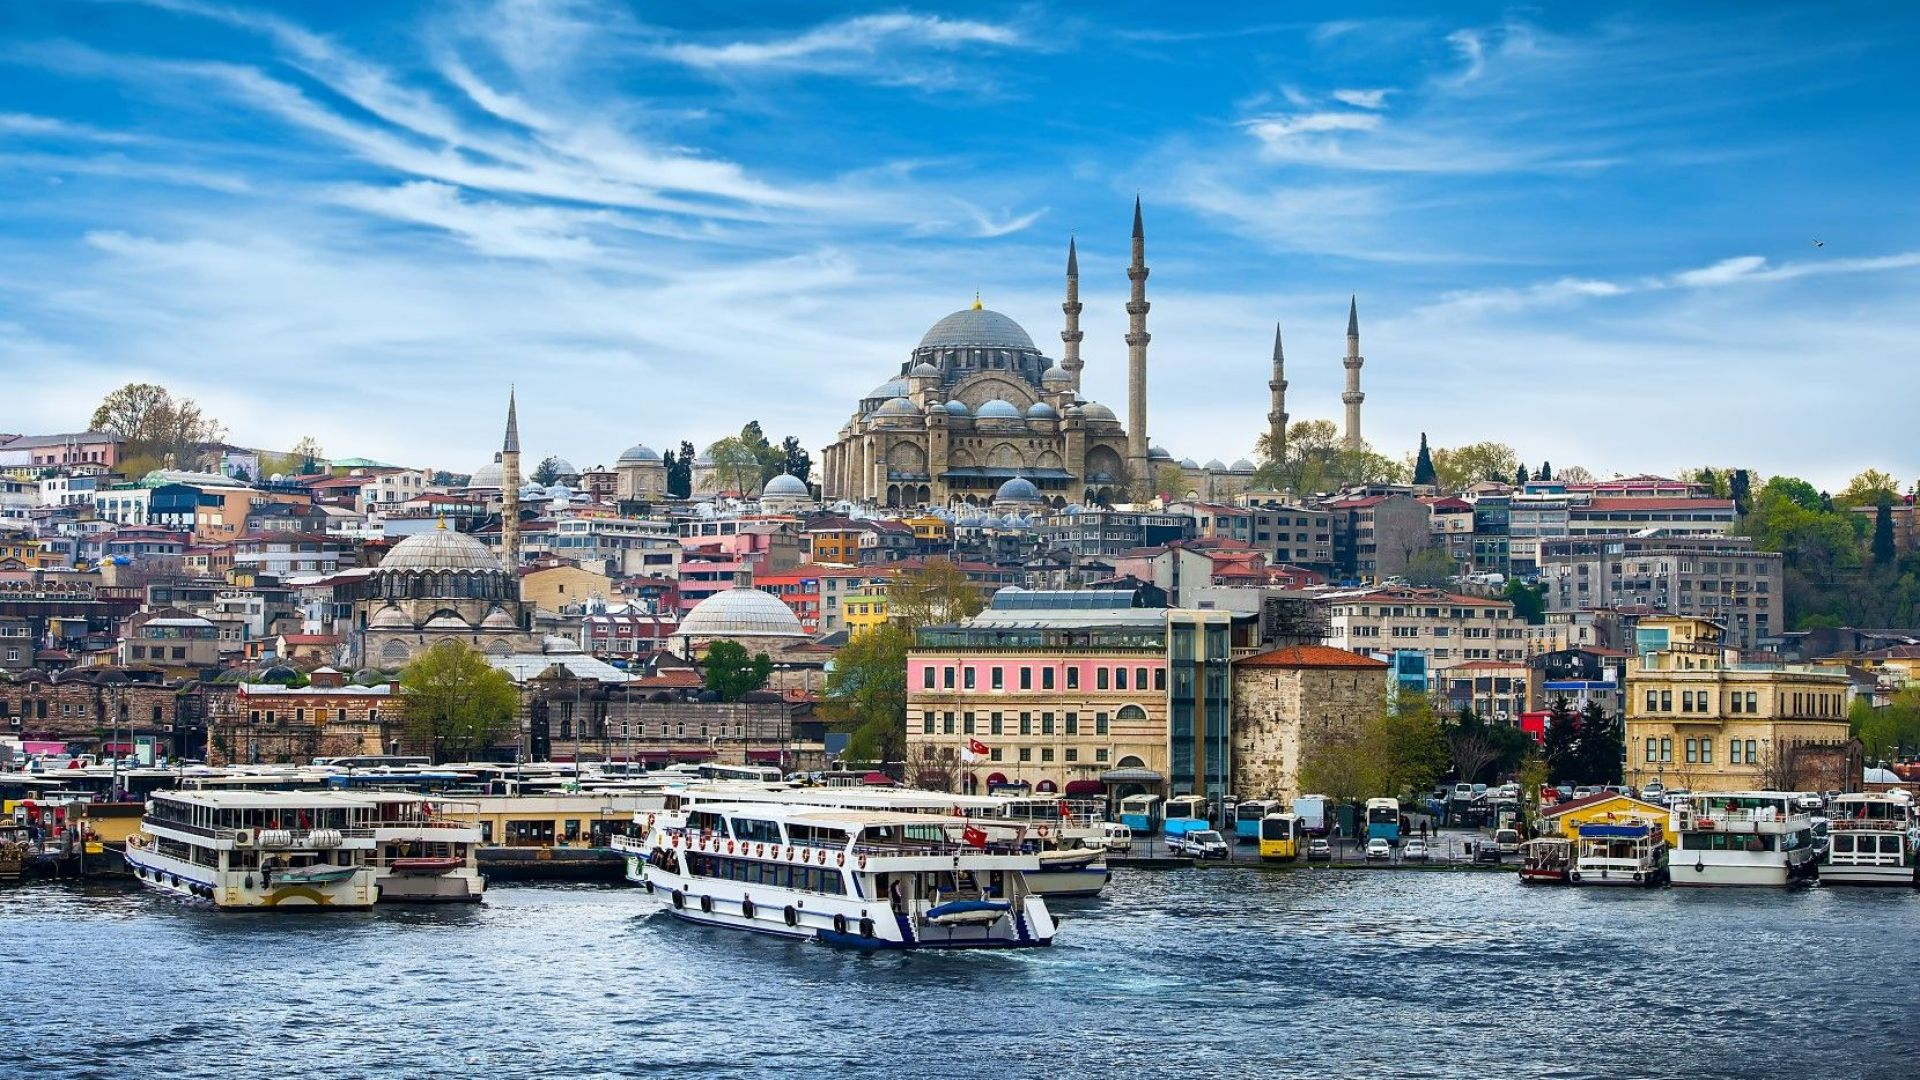 Ако стане земетресение в Истанбул, кой ще бъде засегнат?